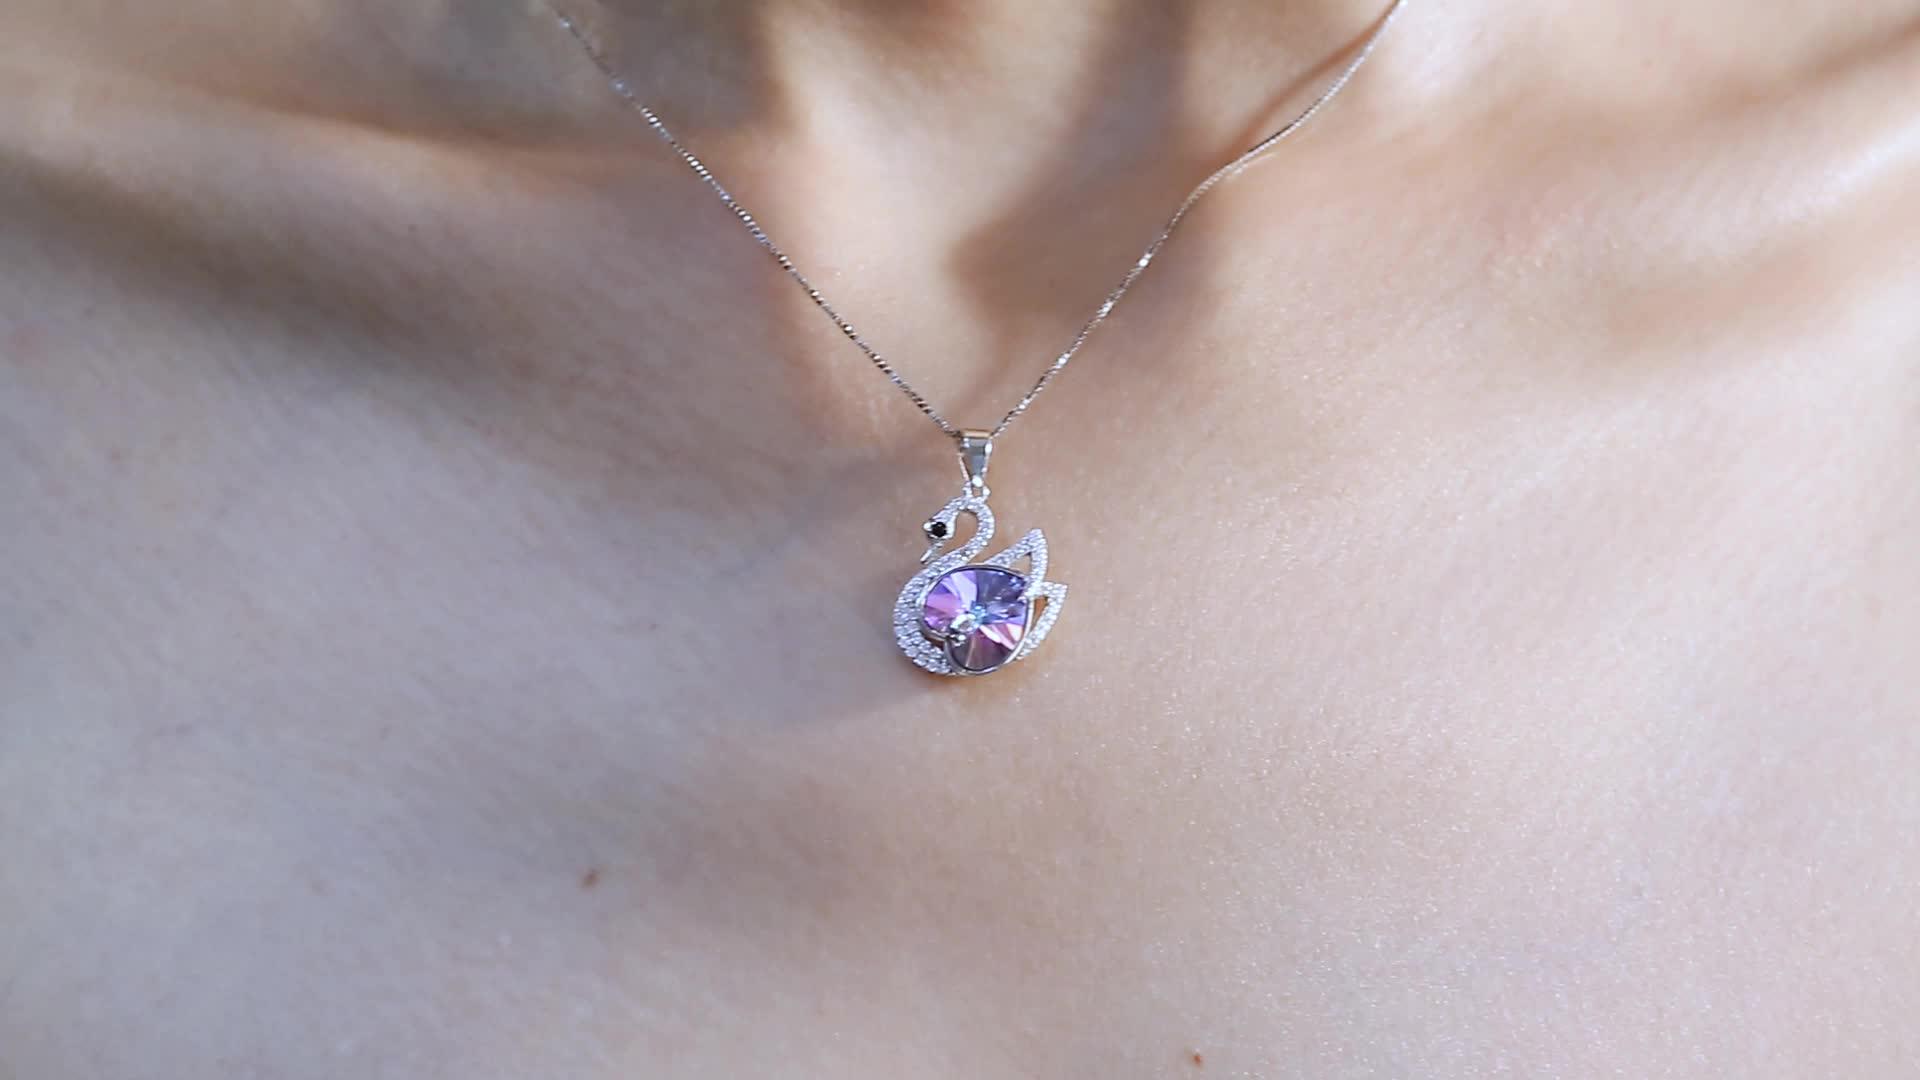 西黛尔新款简约s925纯银天鹅项链时尚简约百搭心形水晶锁骨链批发